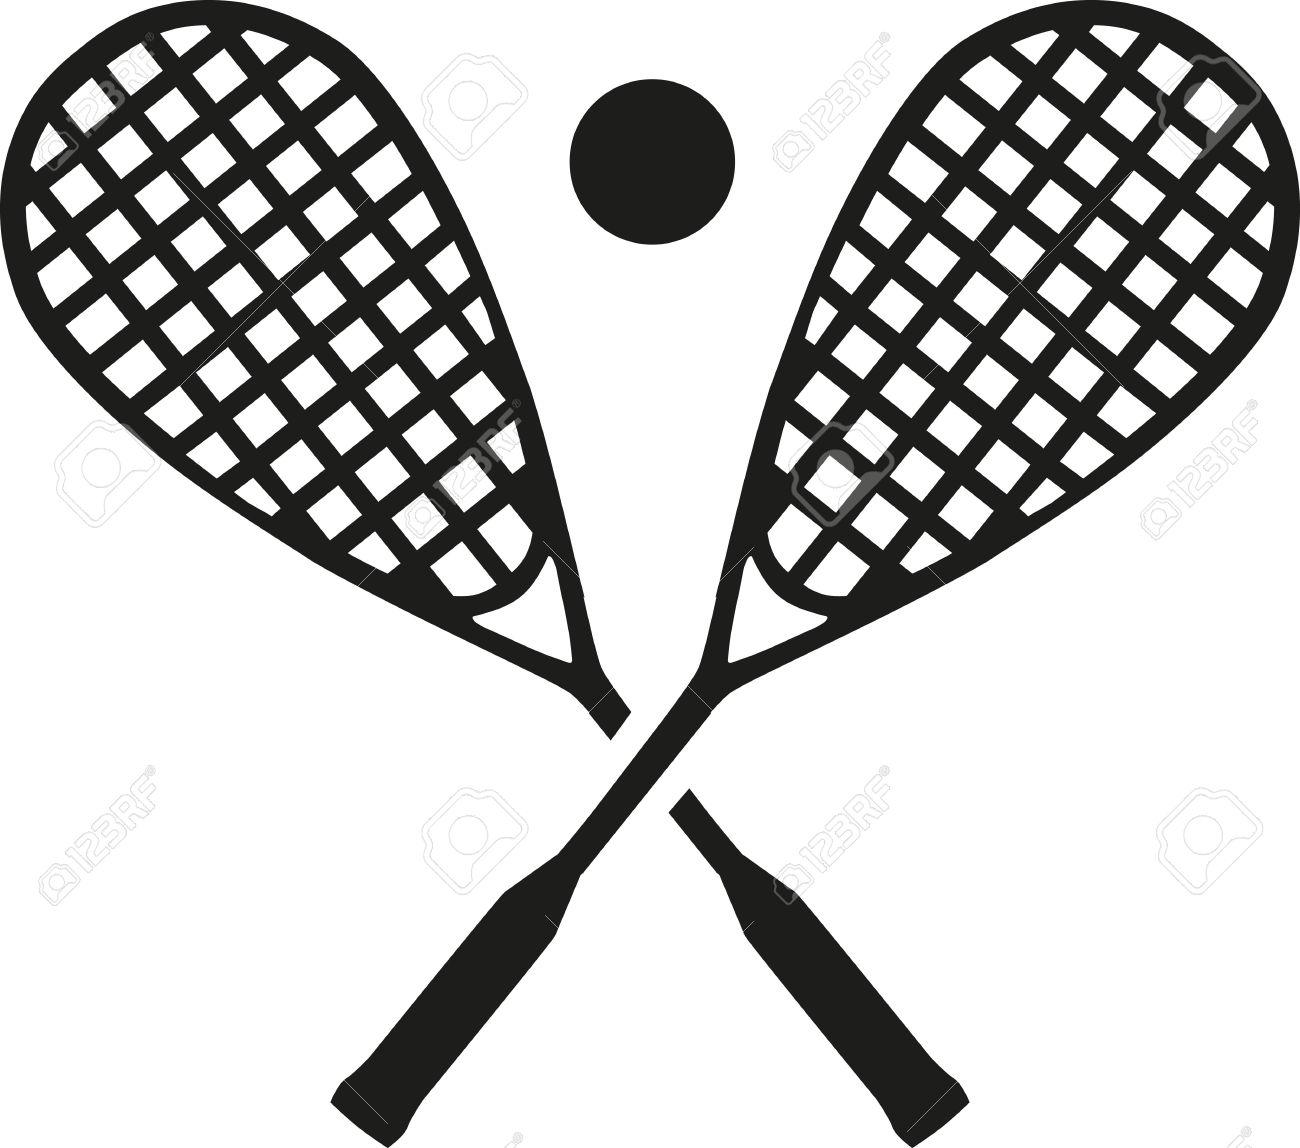 1300x1148 Ball Clipart Squash Racket